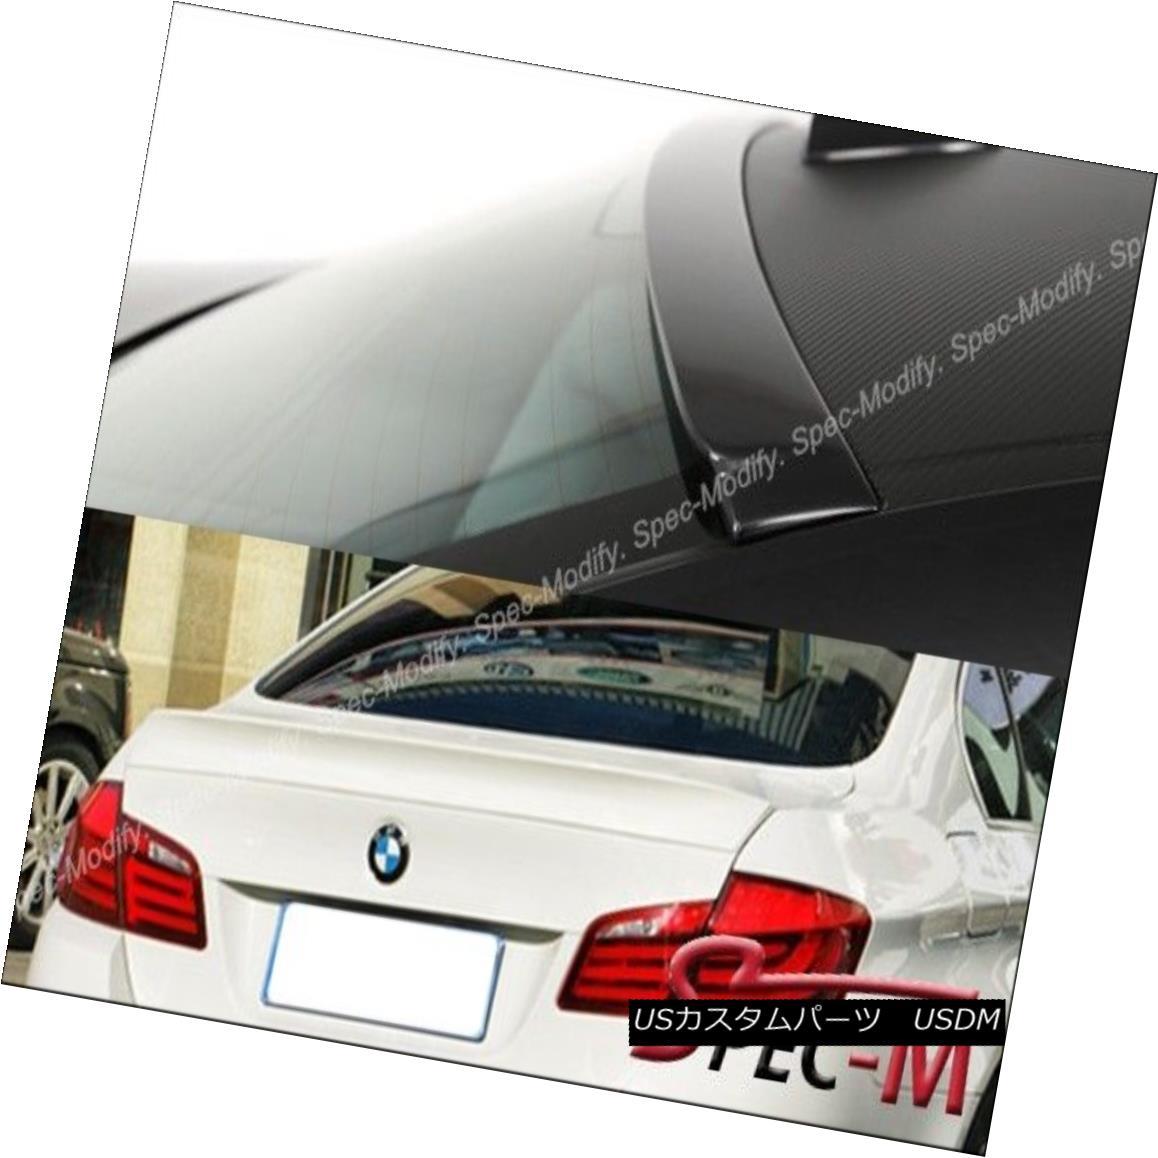 エアロパーツ Painted AC Style Trunk Lip Roof Spoiler Wing For BMW 2011+ F10 528i 535i 550i M5 BMW 2011+ F10 528i 535i 550i M5用塗装ACスタイルトランクリップルーフスポイラーウィング